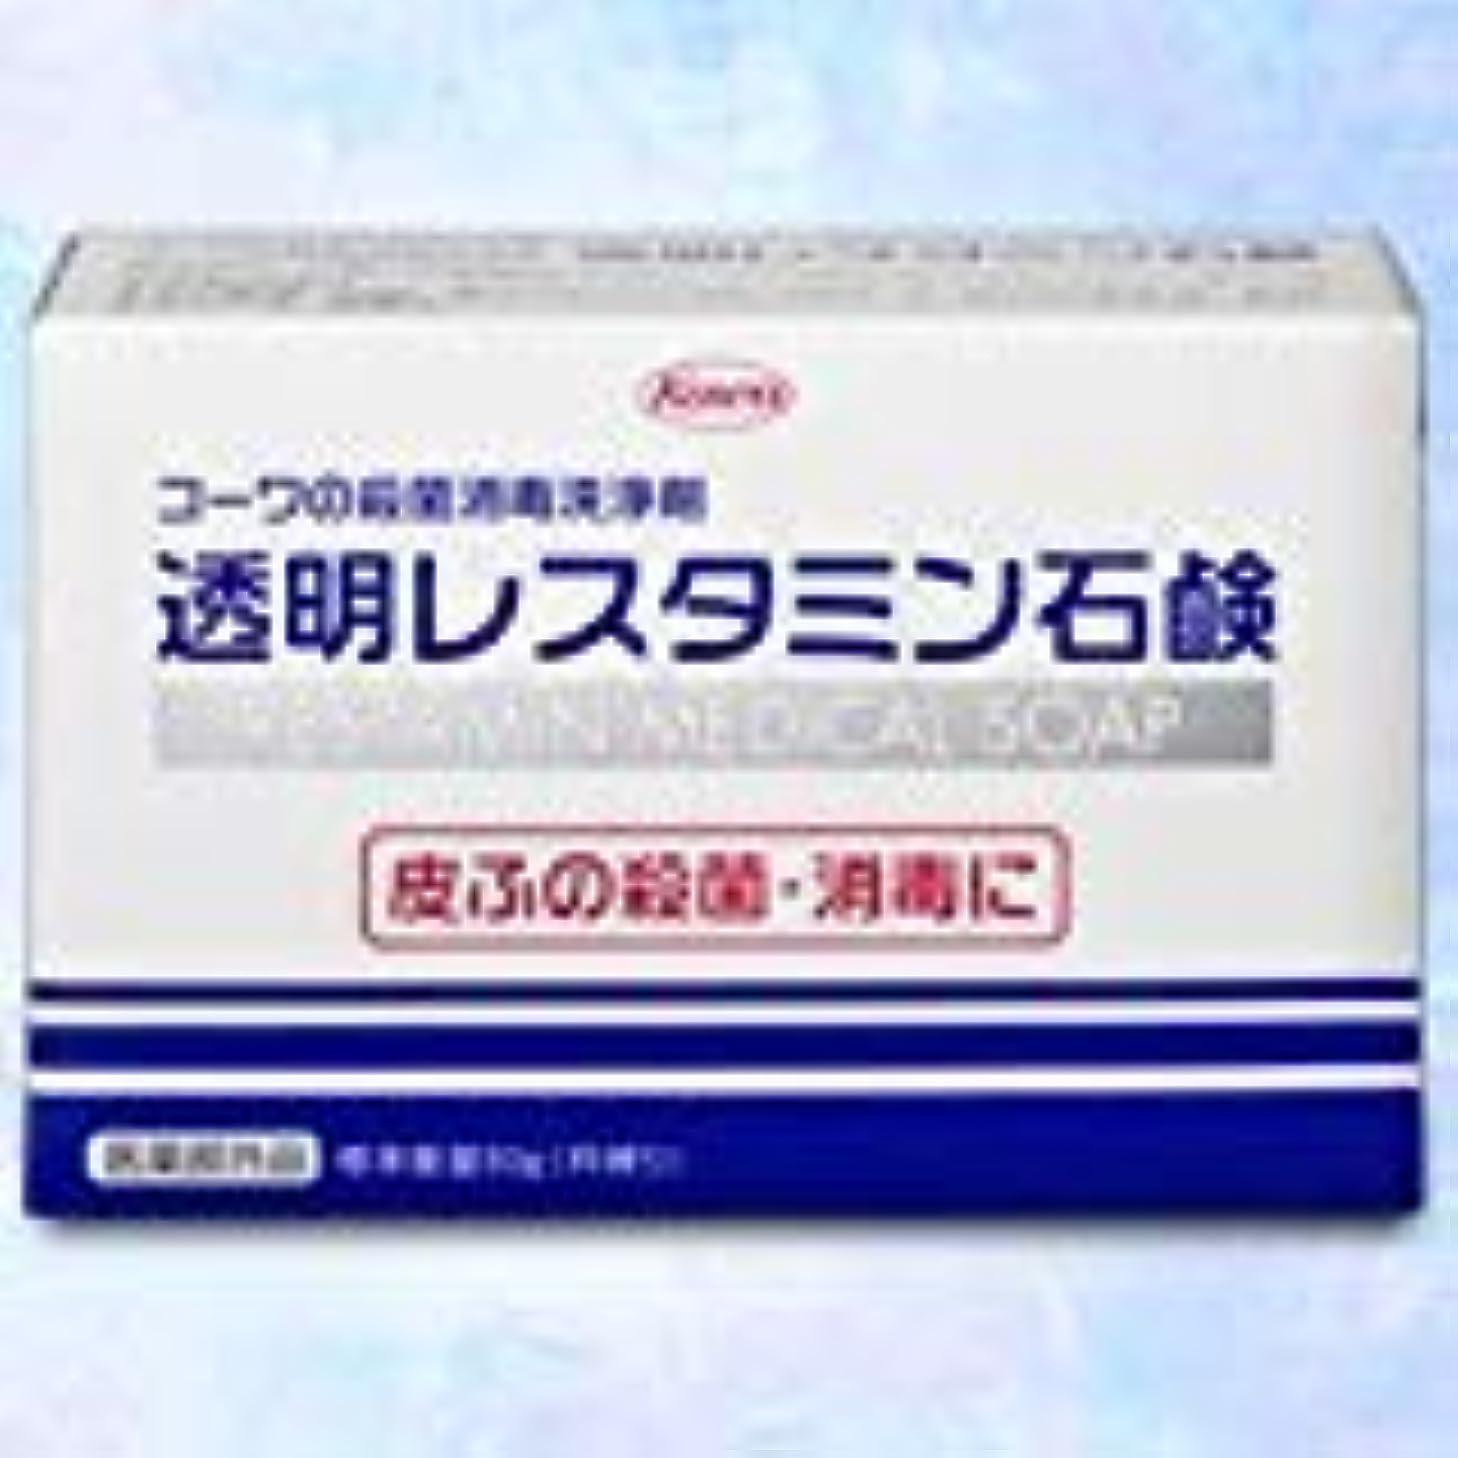 溶けた染料コンパイル【興和】コーワの殺菌消毒洗浄剤「透明レスタミン石鹸」80g(医薬部外品) ×5個セット